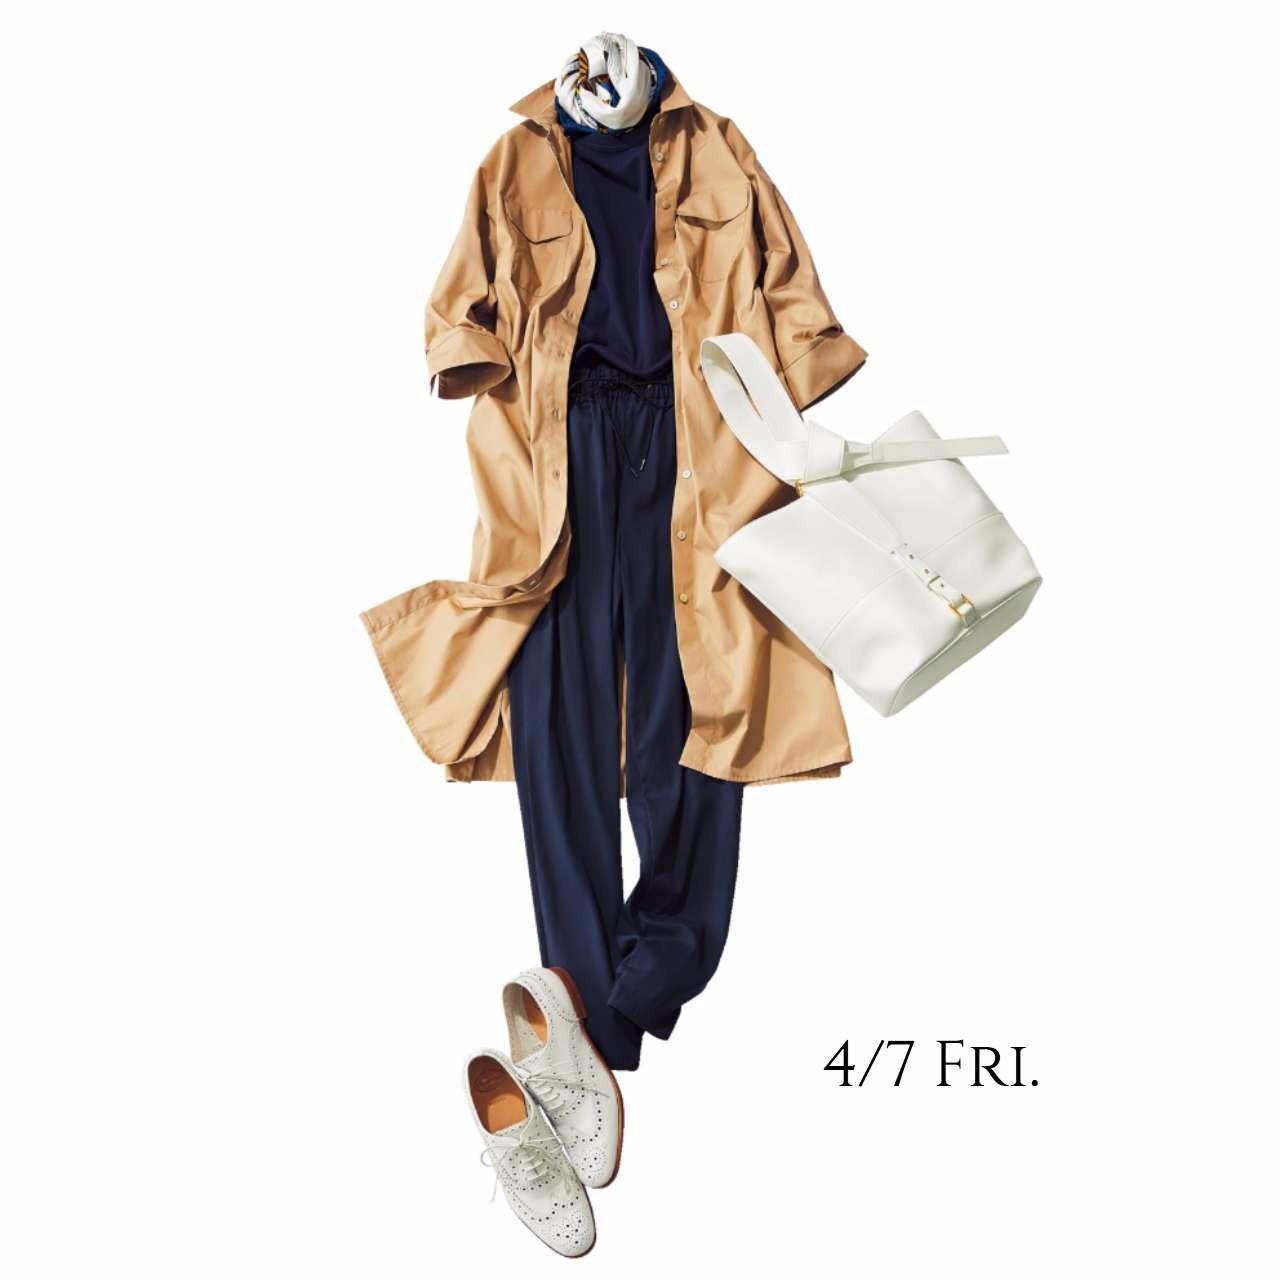 シャツワンピをトレンチコート感覚で羽織ってスポーティに着こなして_1_1